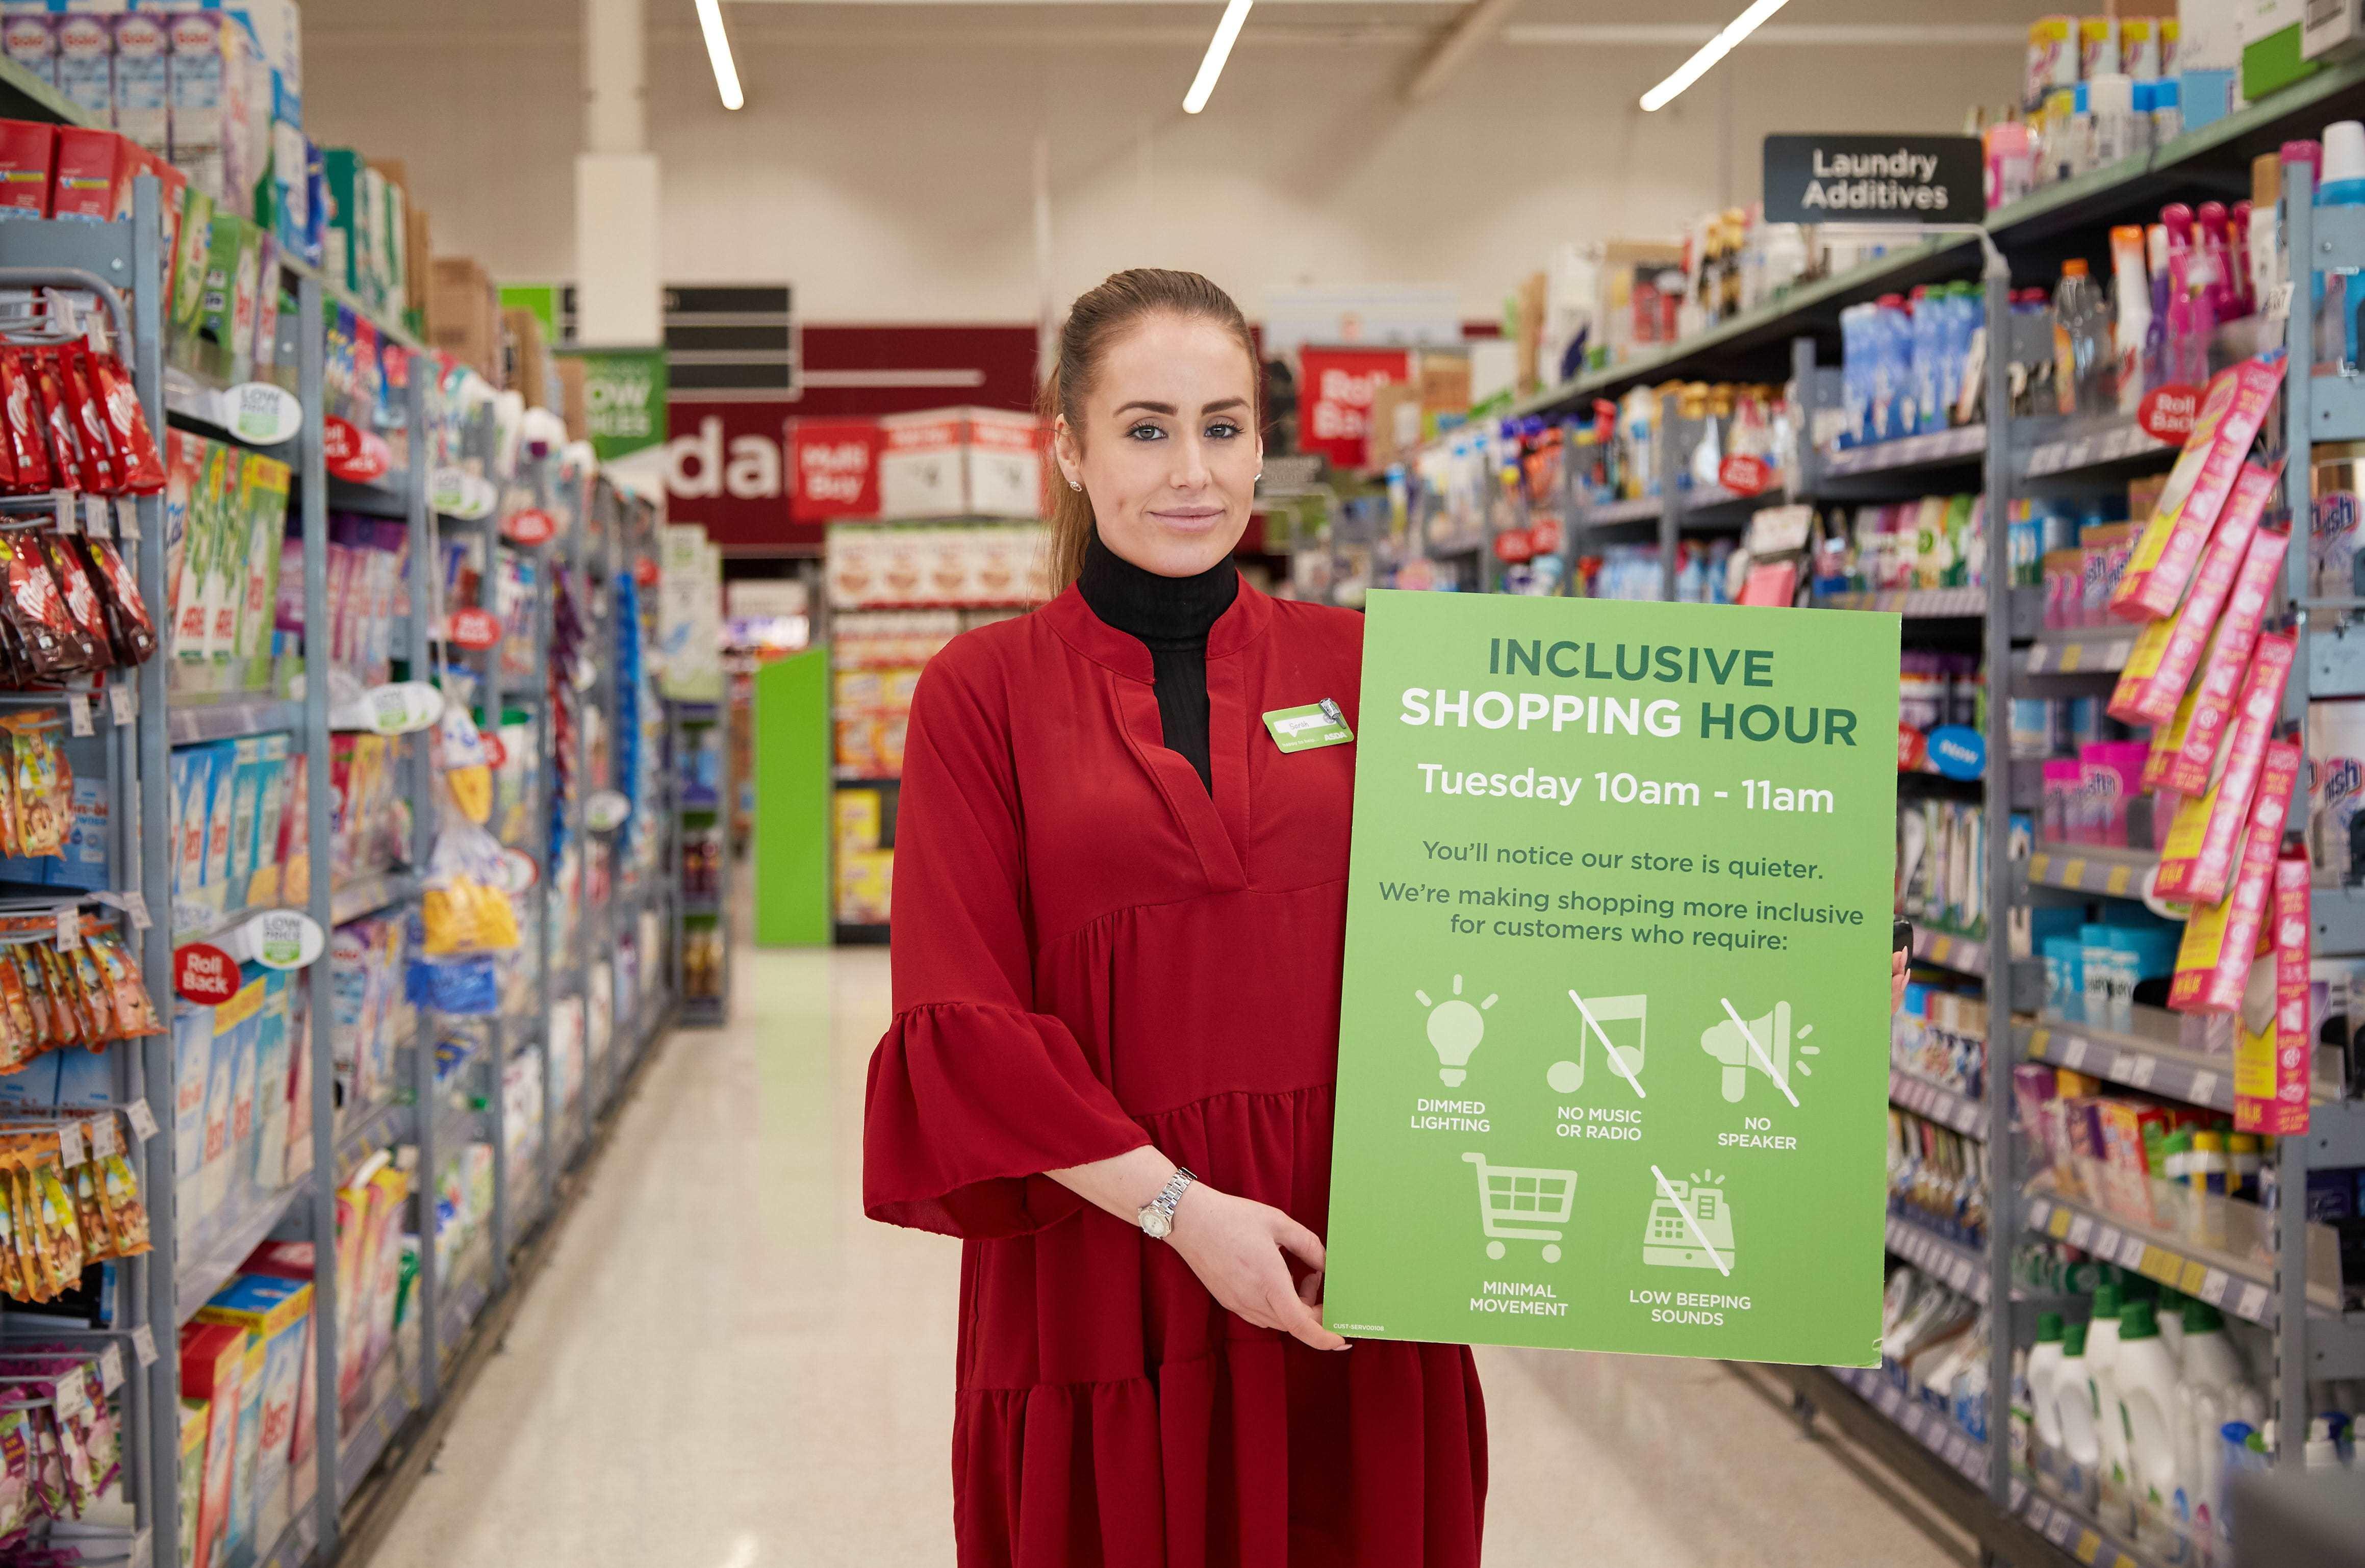 Asda Arrowe Park store manager Sarah Tavernor